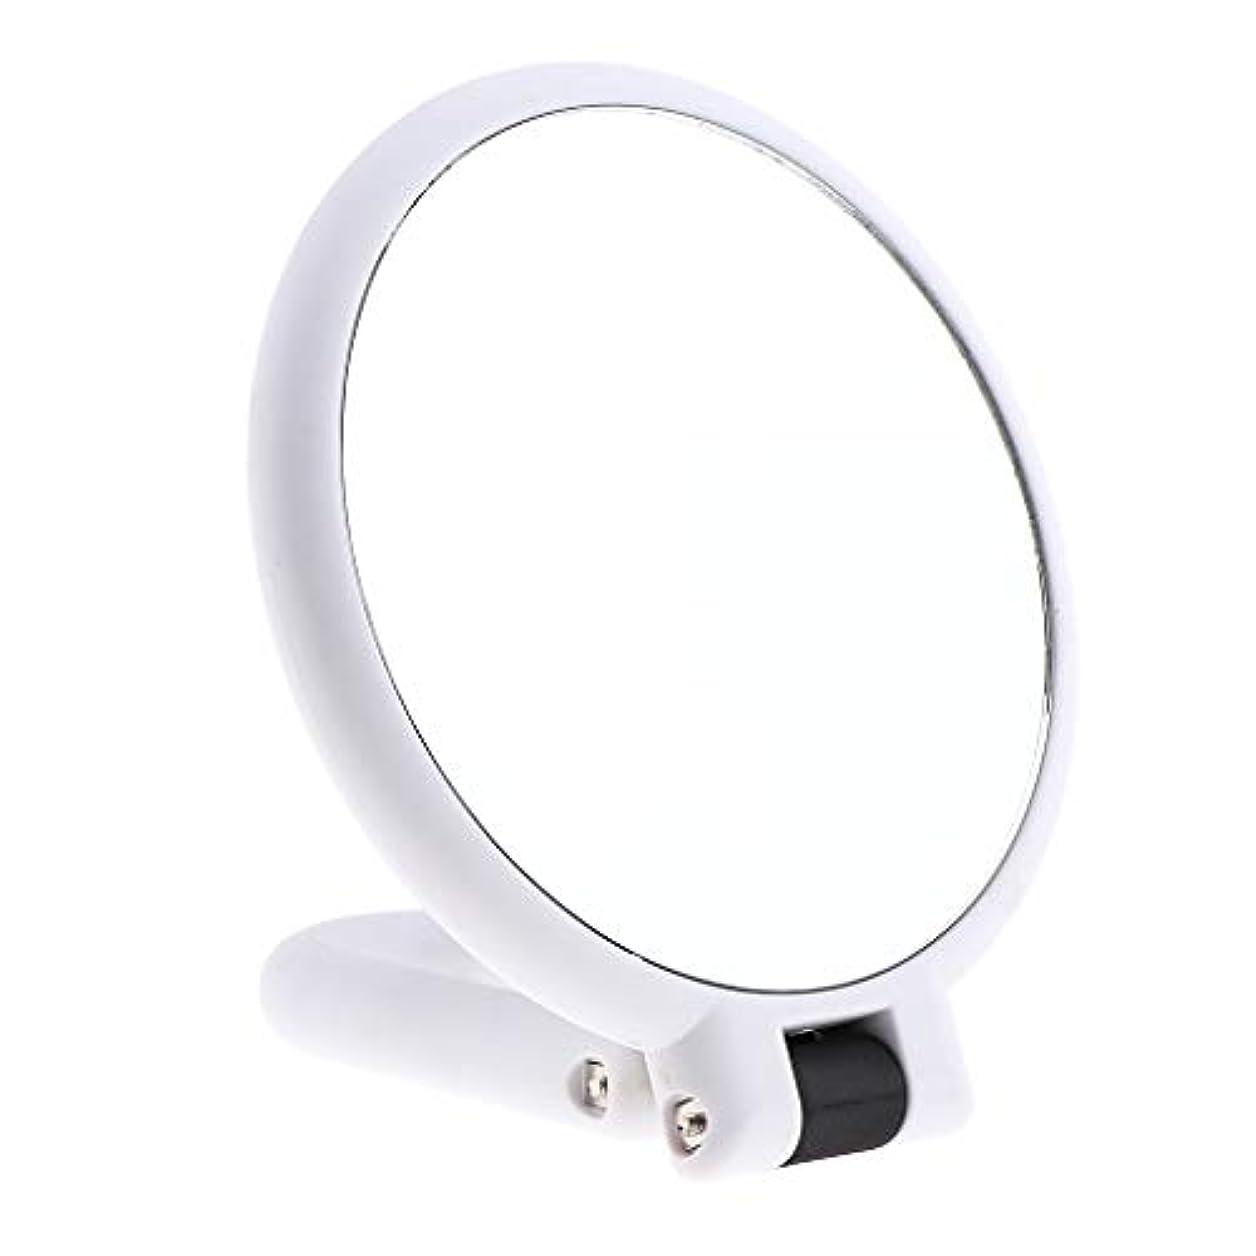 両面化粧鏡 拡大鏡 ラウンド メイクアップミラー お化粧 ホワイト 5仕様選べ - 15倍